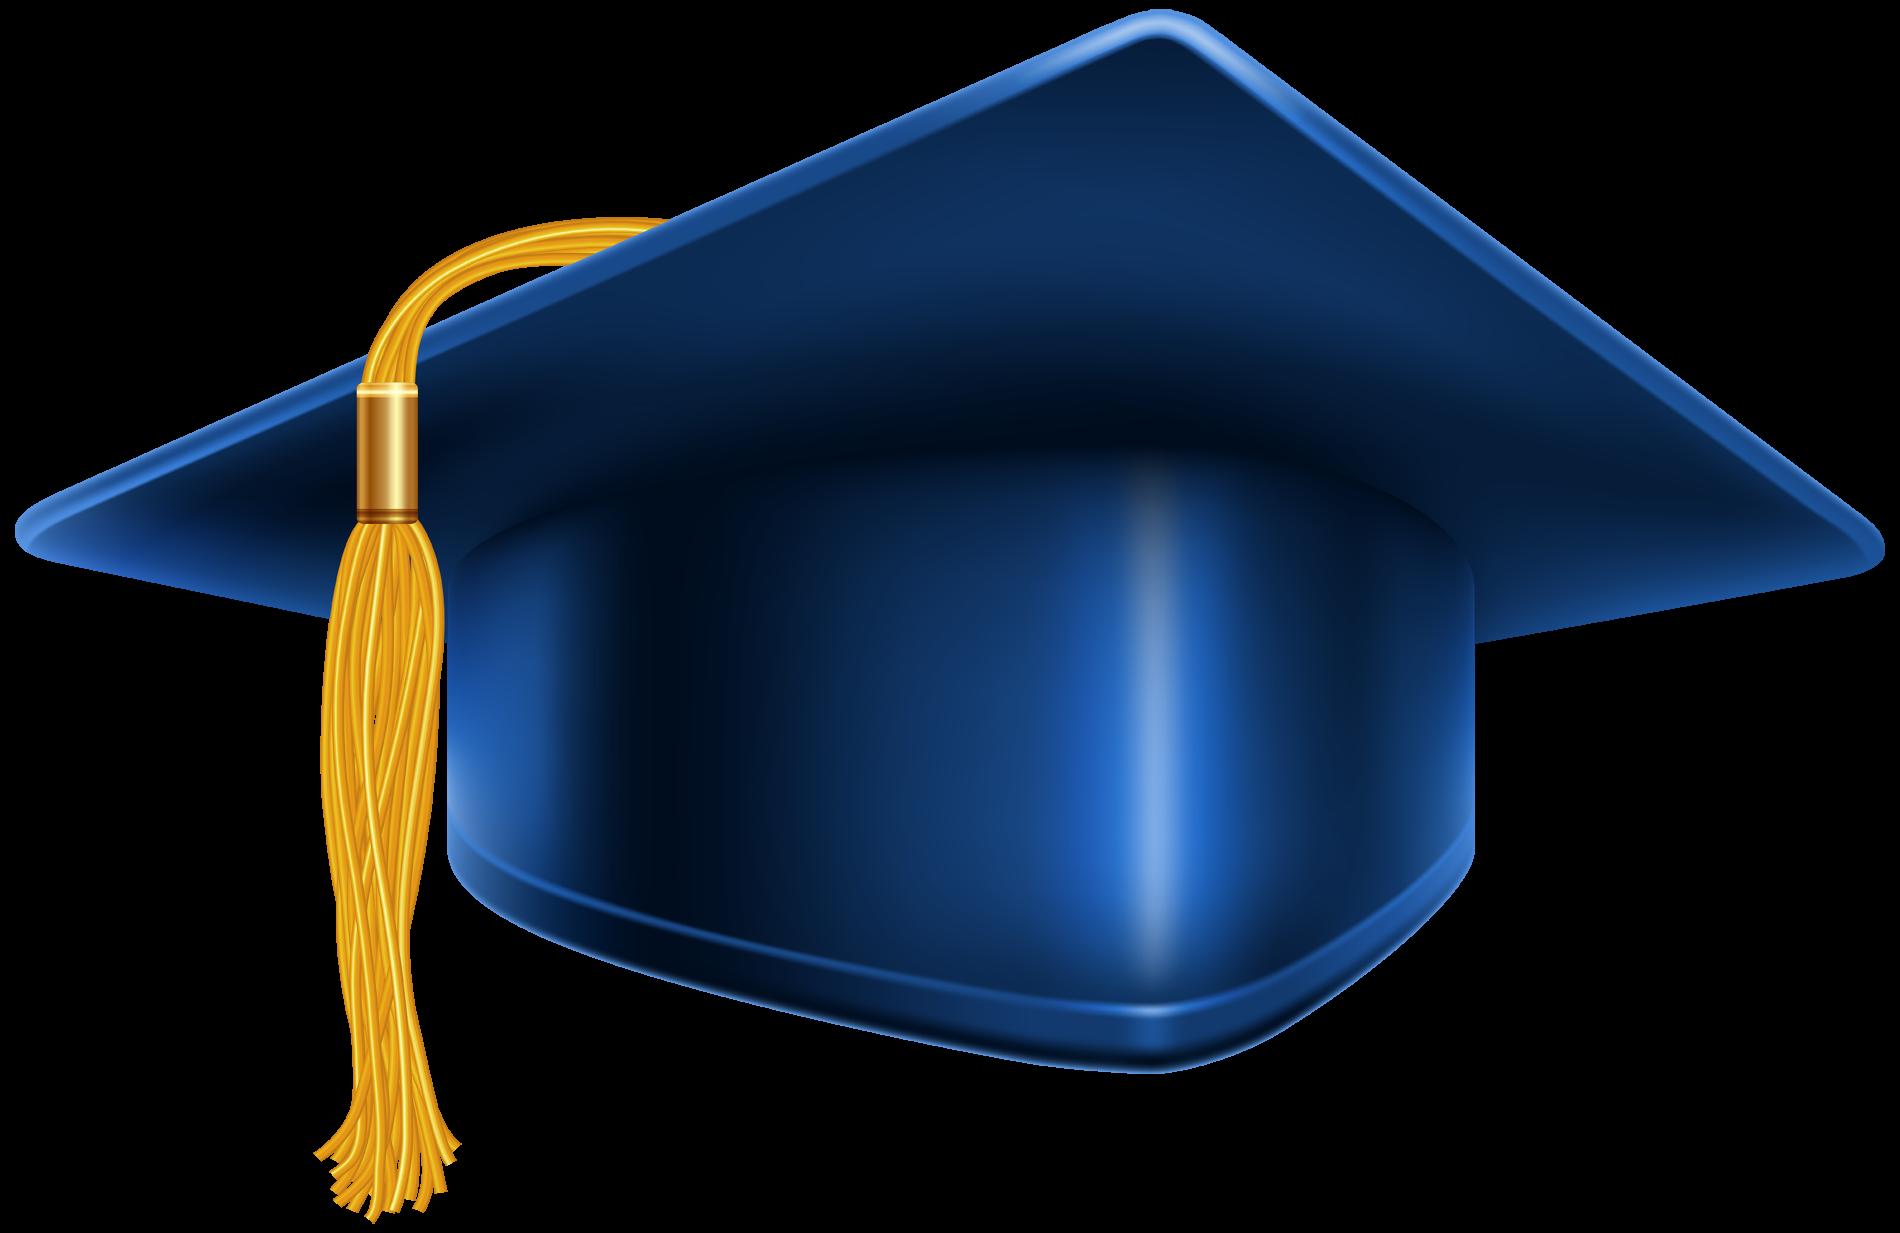 Graduation Cap Png